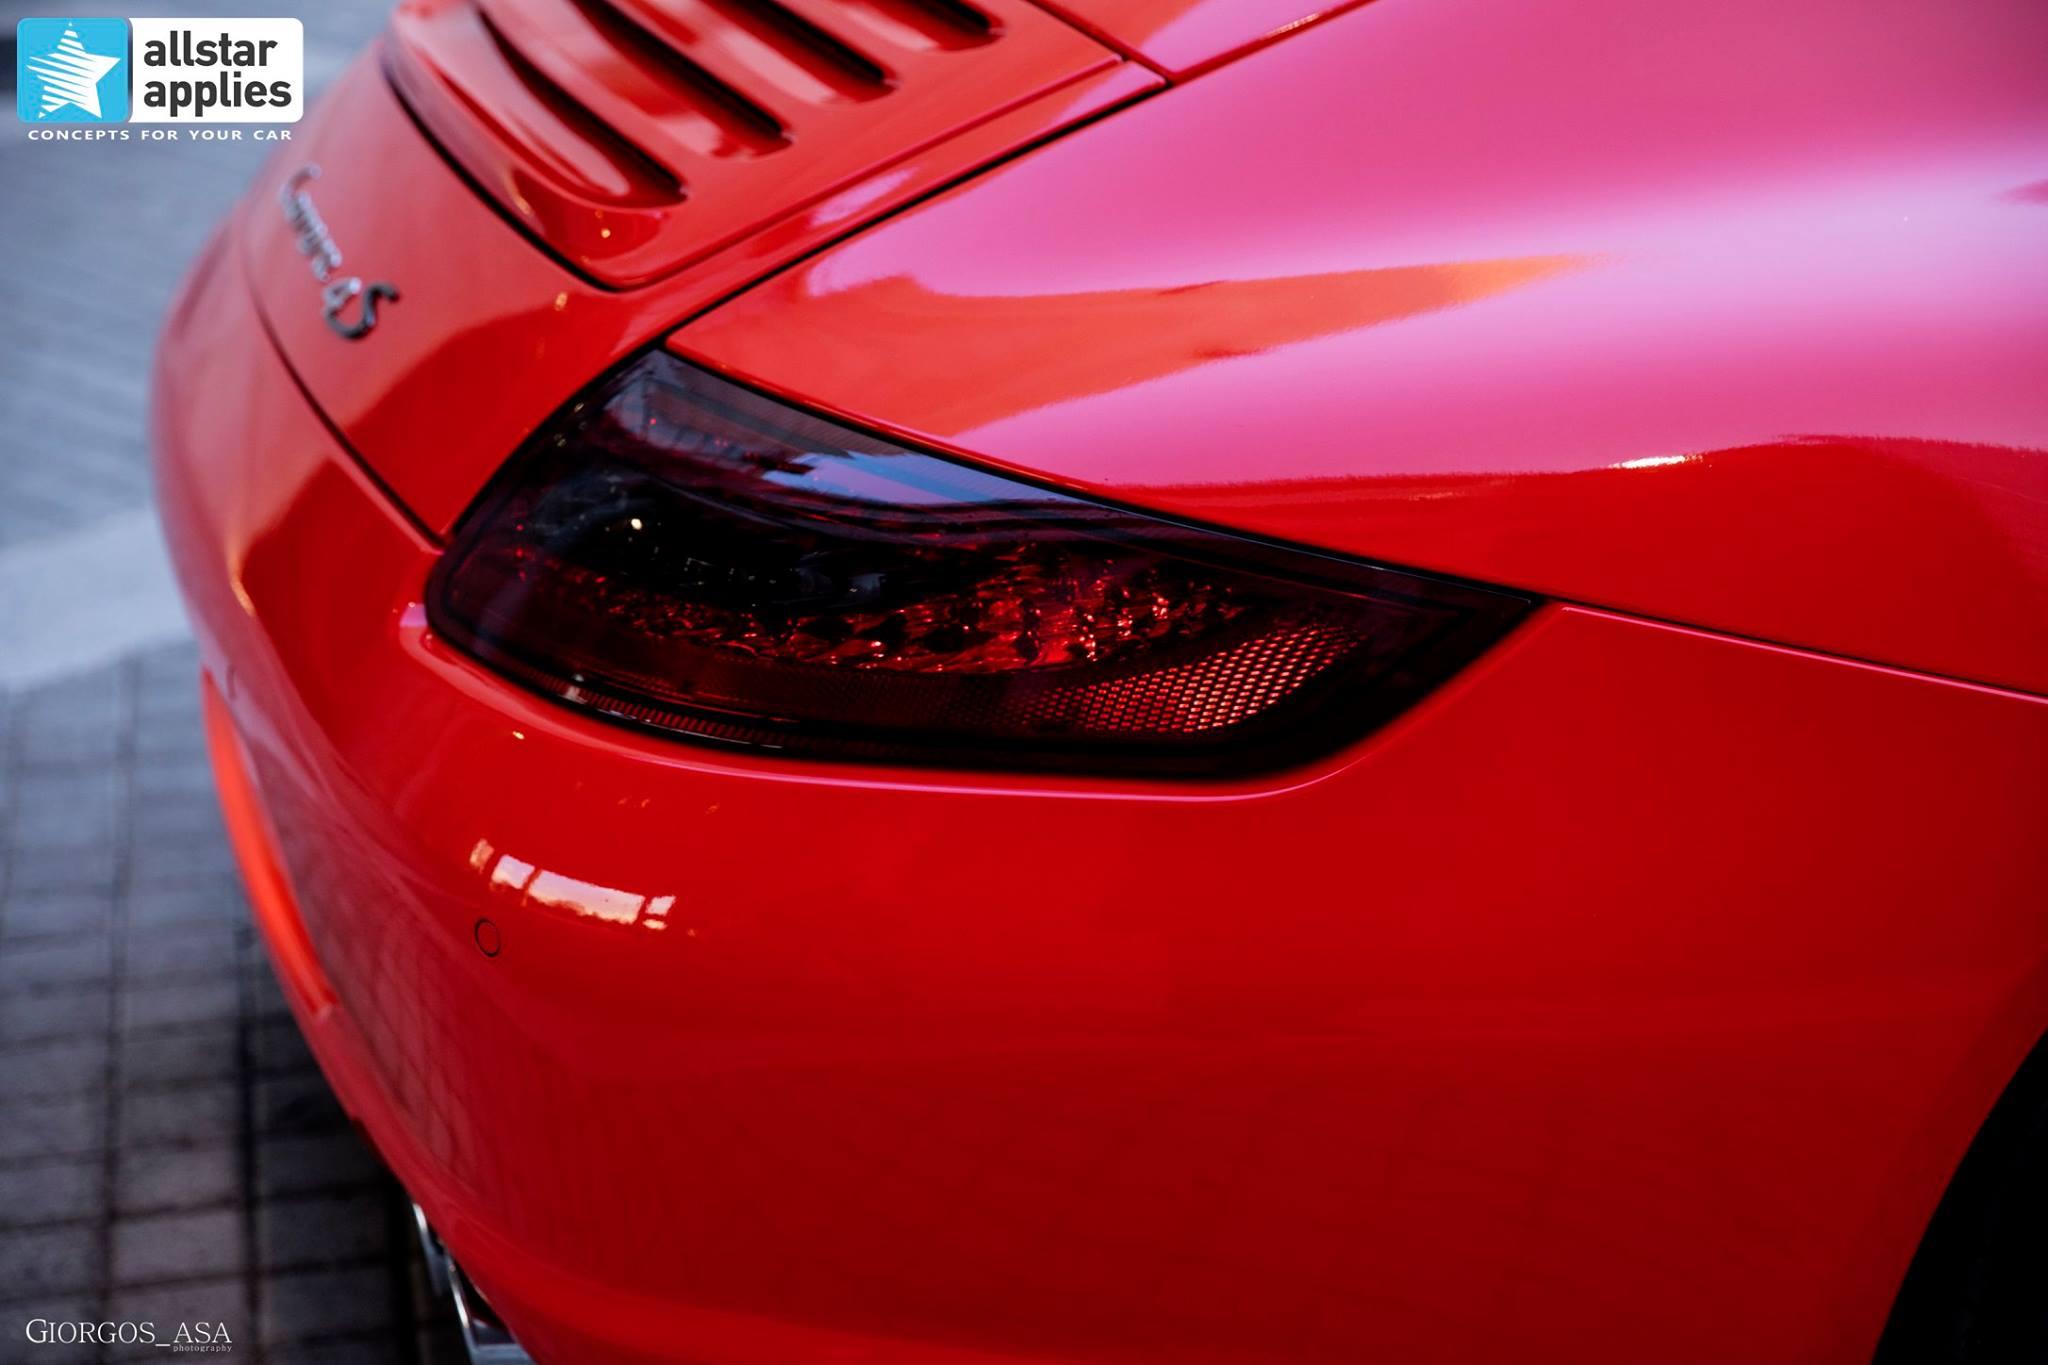 Porsche Carrera 4S - Redhot Gloss (16)